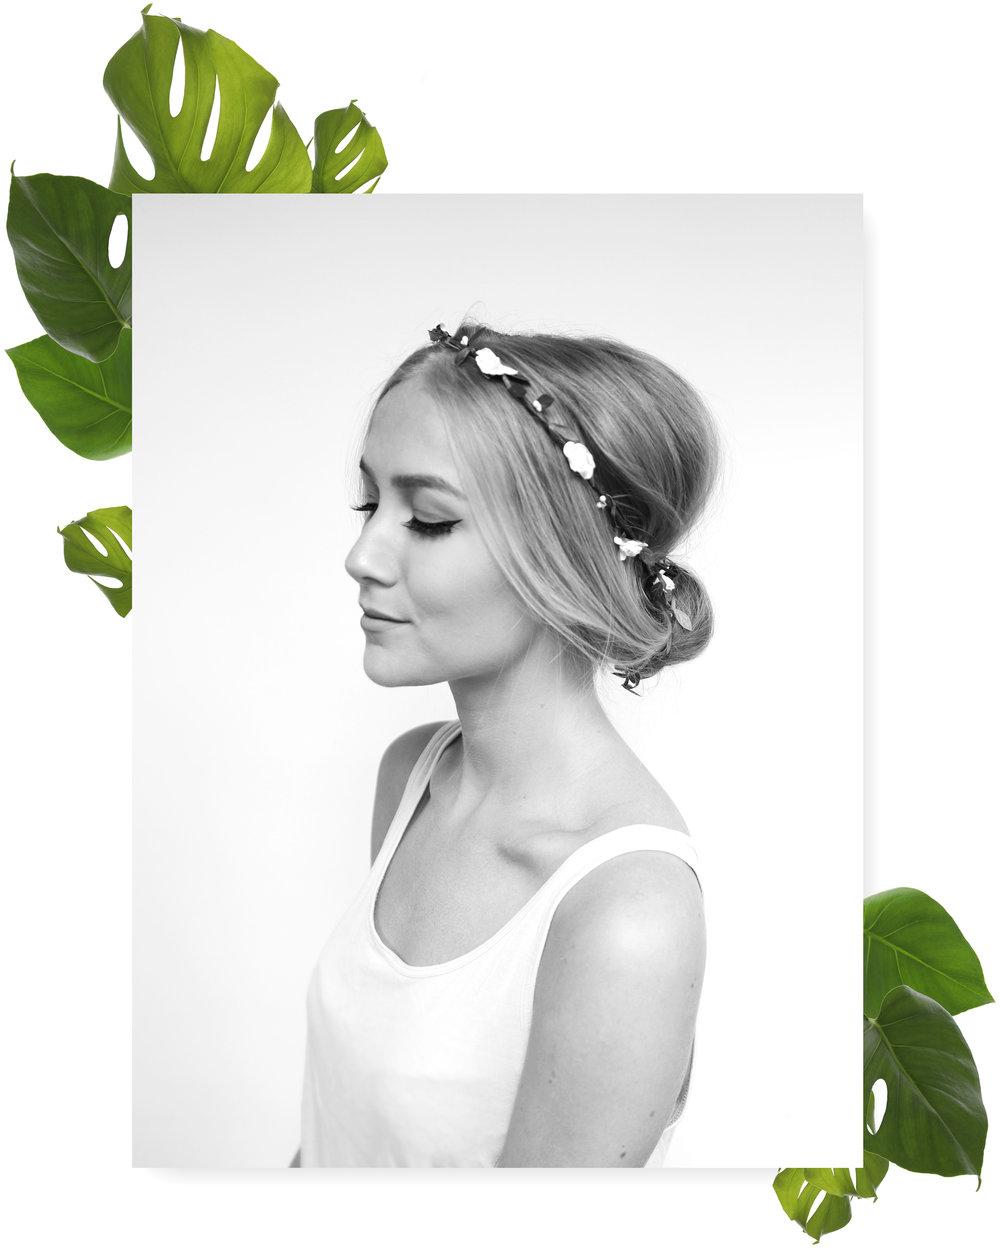 SOFIA THELIN - Om migJag heter Sofia Thelin, är 23 år och jobbar som content creator och produktfotograf.Dessutom driver jag kreativitetsbloggen sofiamilk.se, där du hittar DIY-projekt,skönhetsprodukter,inredning och växter. Allt med fokus på kreativitet och enkelhet,ofta med återbruk som tema. Jag startade min blogg i slutet av 2014, och det är faktiskt till stor del tack vare den som jag idag arbetar med det jag gör, då jag sedan starten har lagt stor vikt vid bloggens bildinnehåll. Det var genom min blogg som förfrågningar om produktfoto och videoinnehåll började droppa in, vilket har lett till att digitalt content idag är min huvudsyssla. Så kul!PRODUKTFOTOJag frilansar som sagt som produktfotograf och content creator, och skapar digitalt innehåll för webbshopar och företags hemsidor/sociala medier, både i bild-och videoformat.Framförallt arbetar jag med produktfoto,DIY-videor och redigering:från idé till färdigt material.Kika gärna in mitt portfolio i menyn ovan, och tveka inte på höra av dig om du är intresserad av digitalt innehåll eller bara vill veta mer.samarbeten/prVill du samarbeta med mig genom bloggen?Jobbar du på en PR-byrå och vill kontakta mig ang.pressutskick? Kul! Vänligen kontakta mig via formuläret nedan eller maila mig på INFO(a)SOFIAMILK.SE